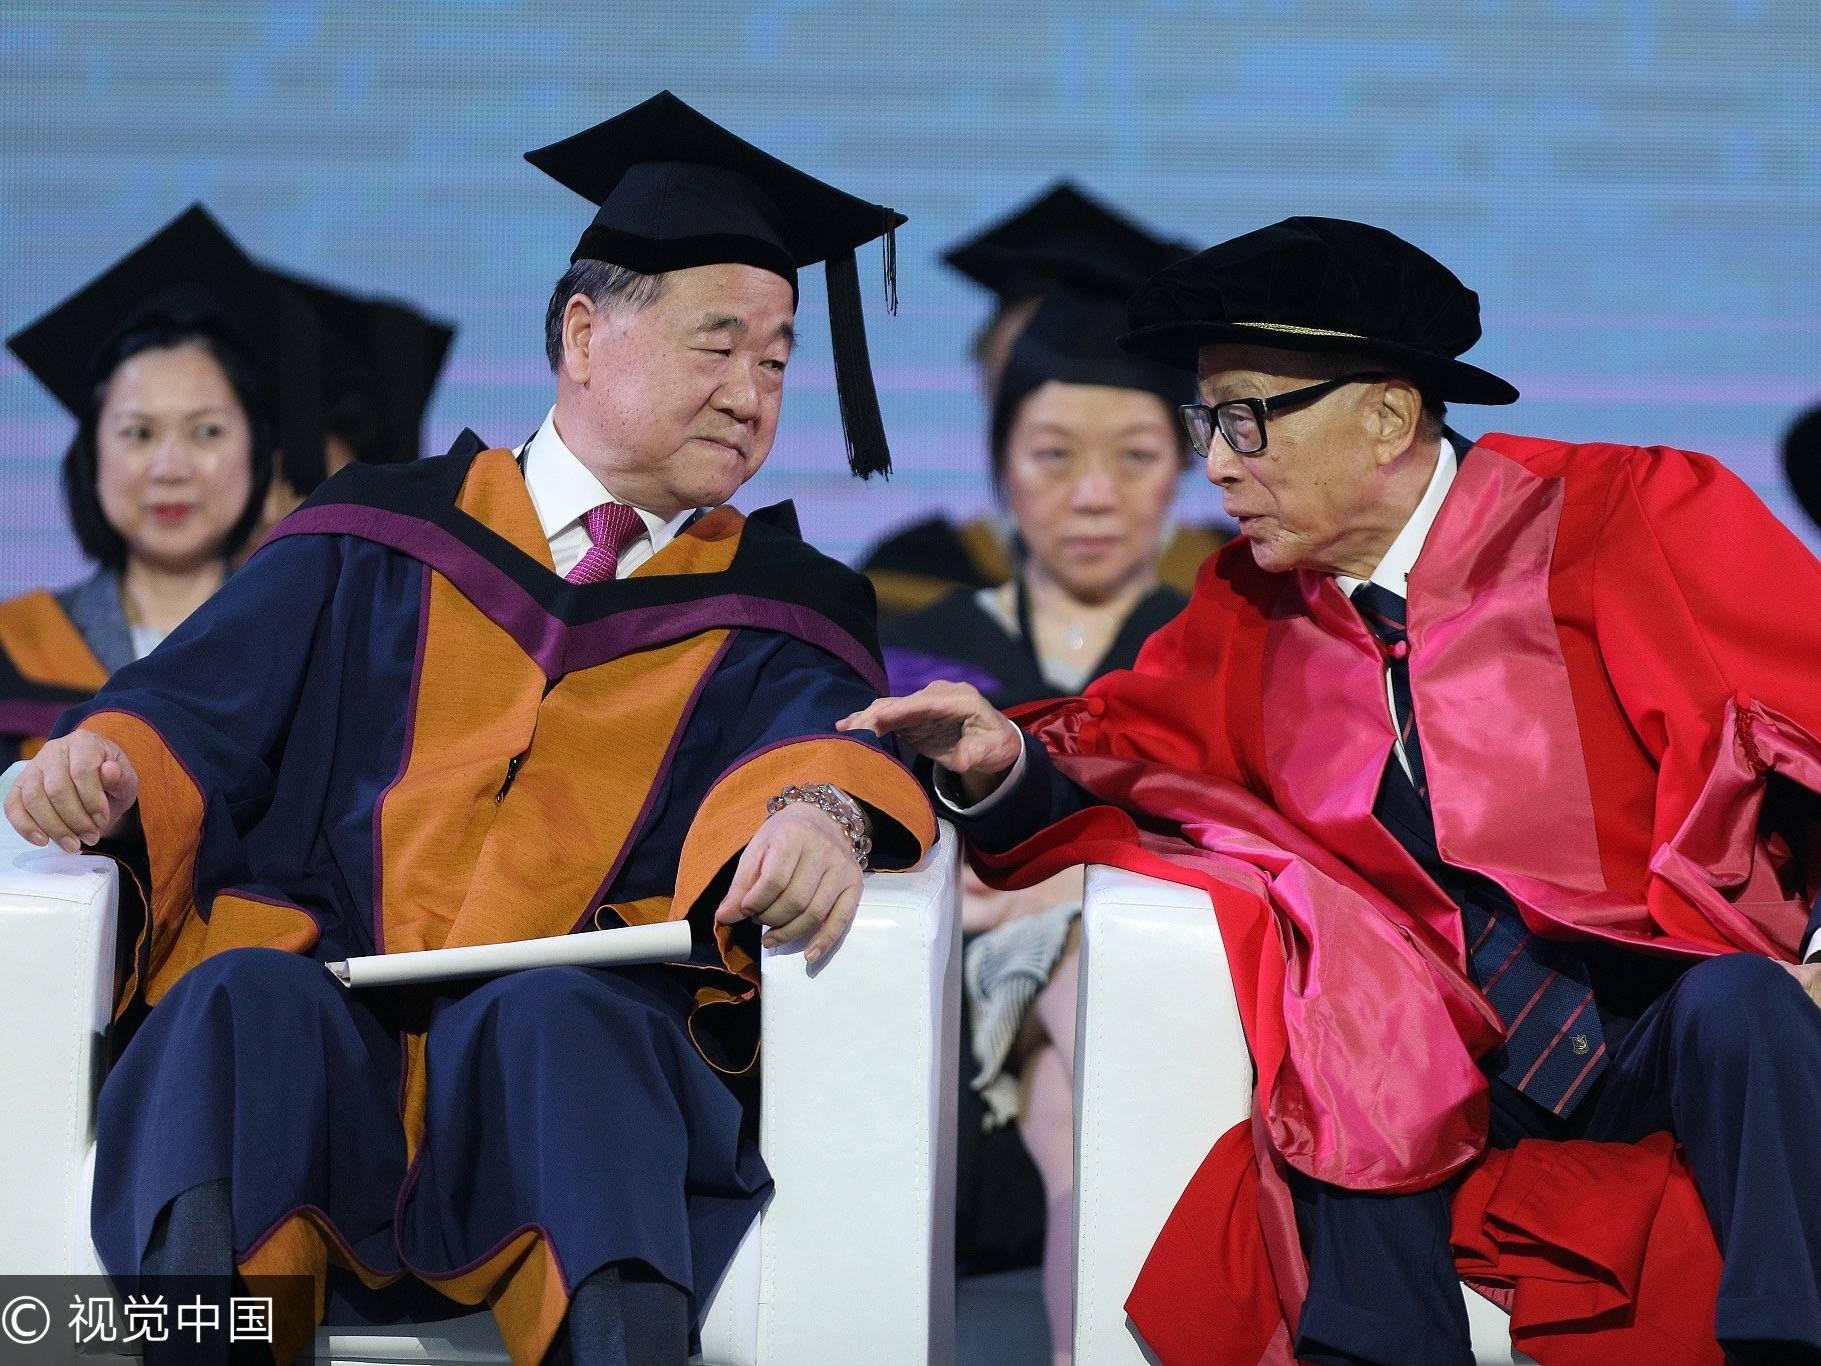 最高嘉宾规格的毕业演讲,89岁李嘉诚:一生志在千里,也知似水流年;莫言:马云也曾经没有什么了不起